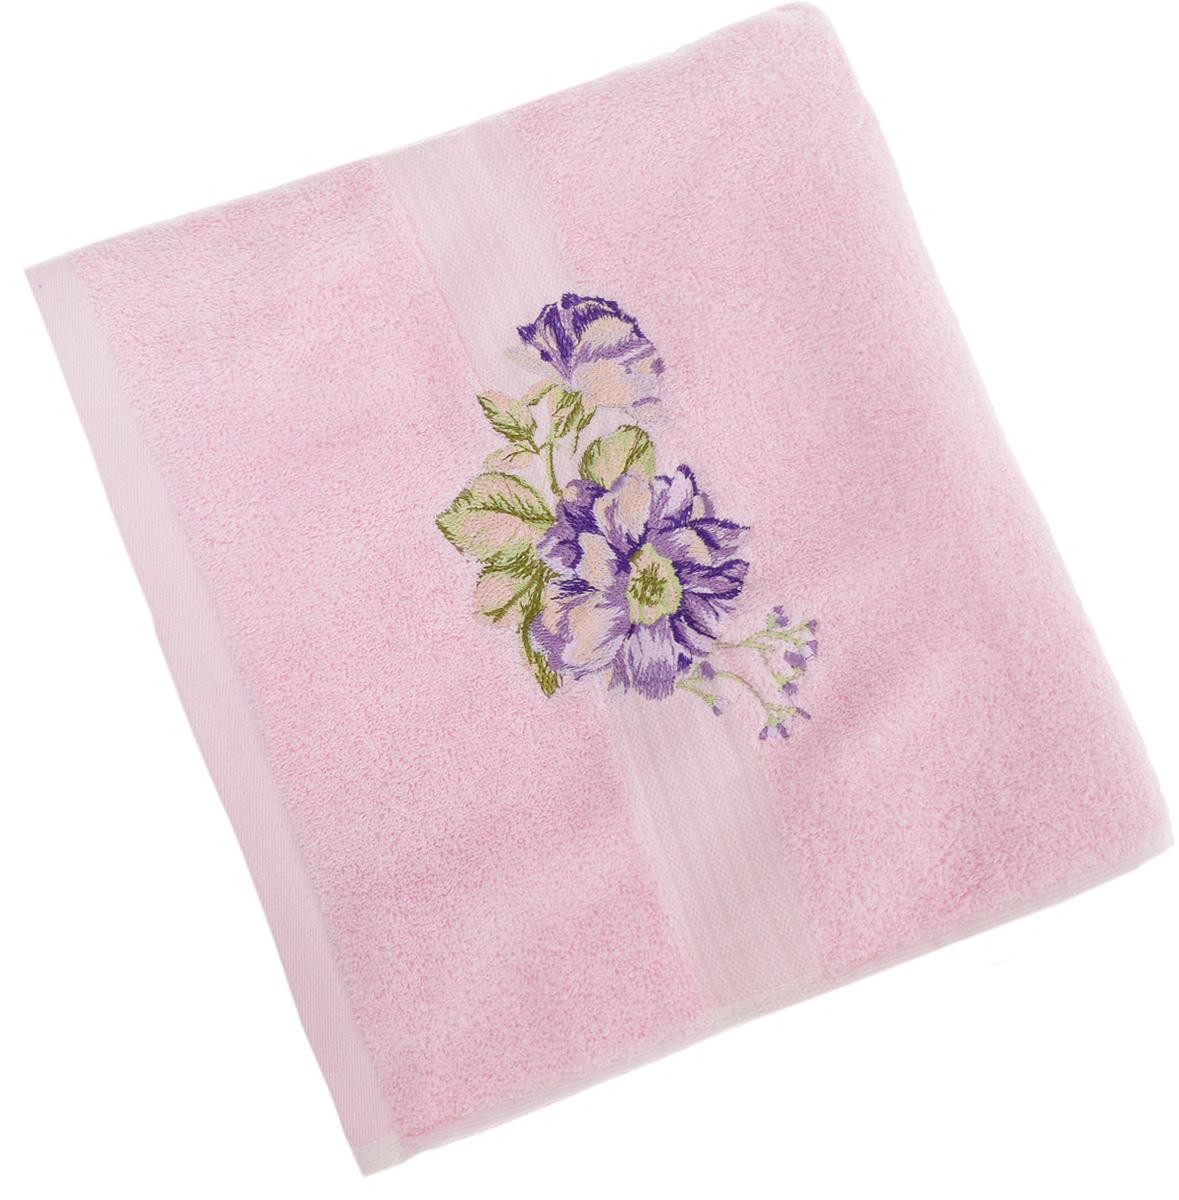 Полотенце Soavita Пион, цвет: розовый, 70 х 140 см97775318Полотенце Soavita Пион выполнено из 100% хлопка. Изделие отлично впитывает влагу, быстро сохнет, сохраняет яркость цвета и не теряет форму даже после многократных стирок. Полотенце очень практично и неприхотливо в уходе. Оно создаст прекрасное настроение и украсит интерьер в ванной комнате.